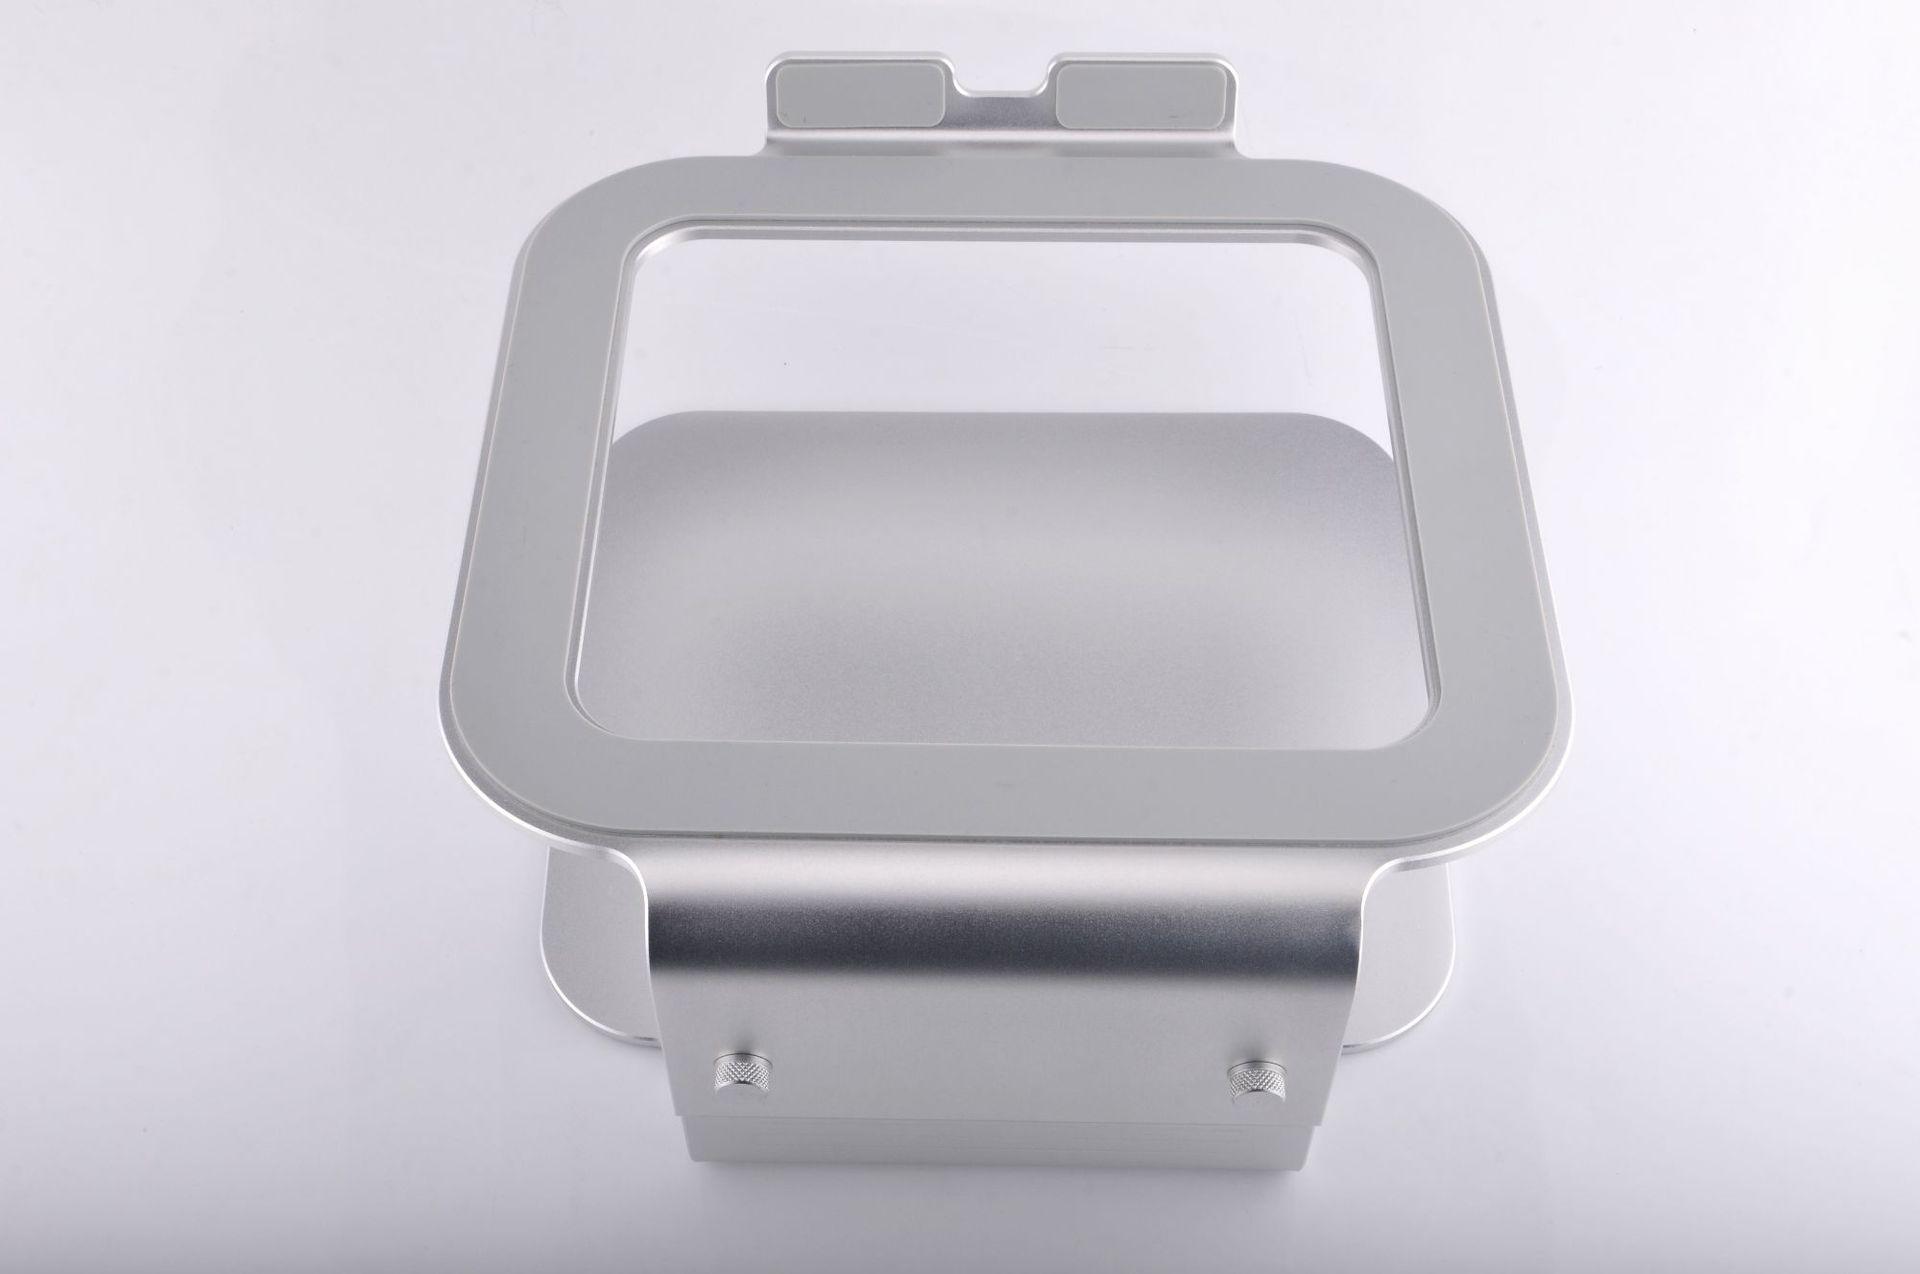 Hợp kim nhôm tỏa ra khung tản nhiệt laptop máy tính xách tay có thể nâng khung làm việc sạc